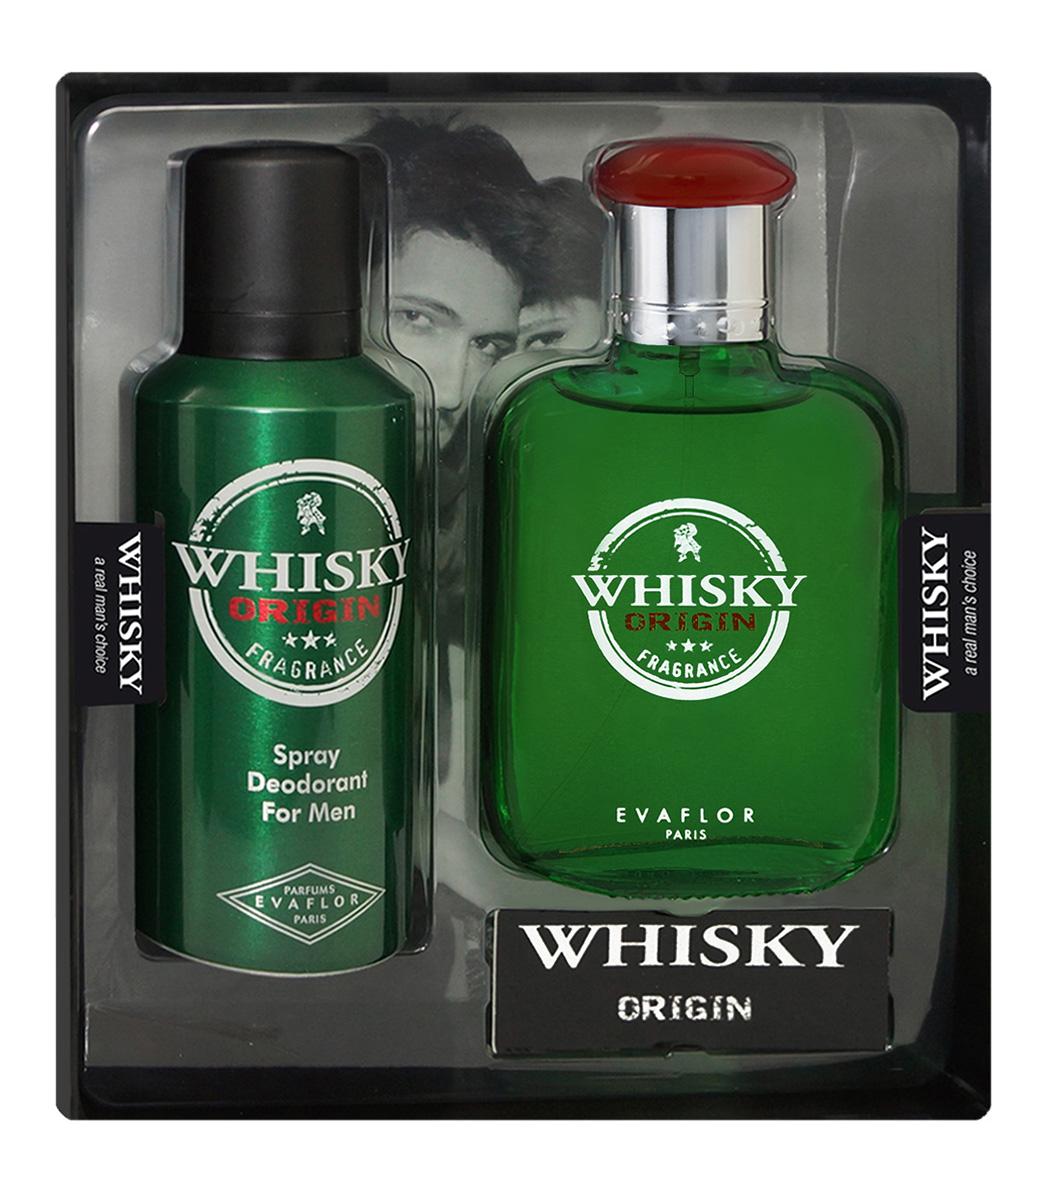 Evaflor Подарочный набор Whisky Origin мужской: Туалетная вода,100 мл , дезодорант, 150 мл42902Подарочный набор для мужчин : туалетная вода 100мл, парфюмированный дезодорант 150 мл.